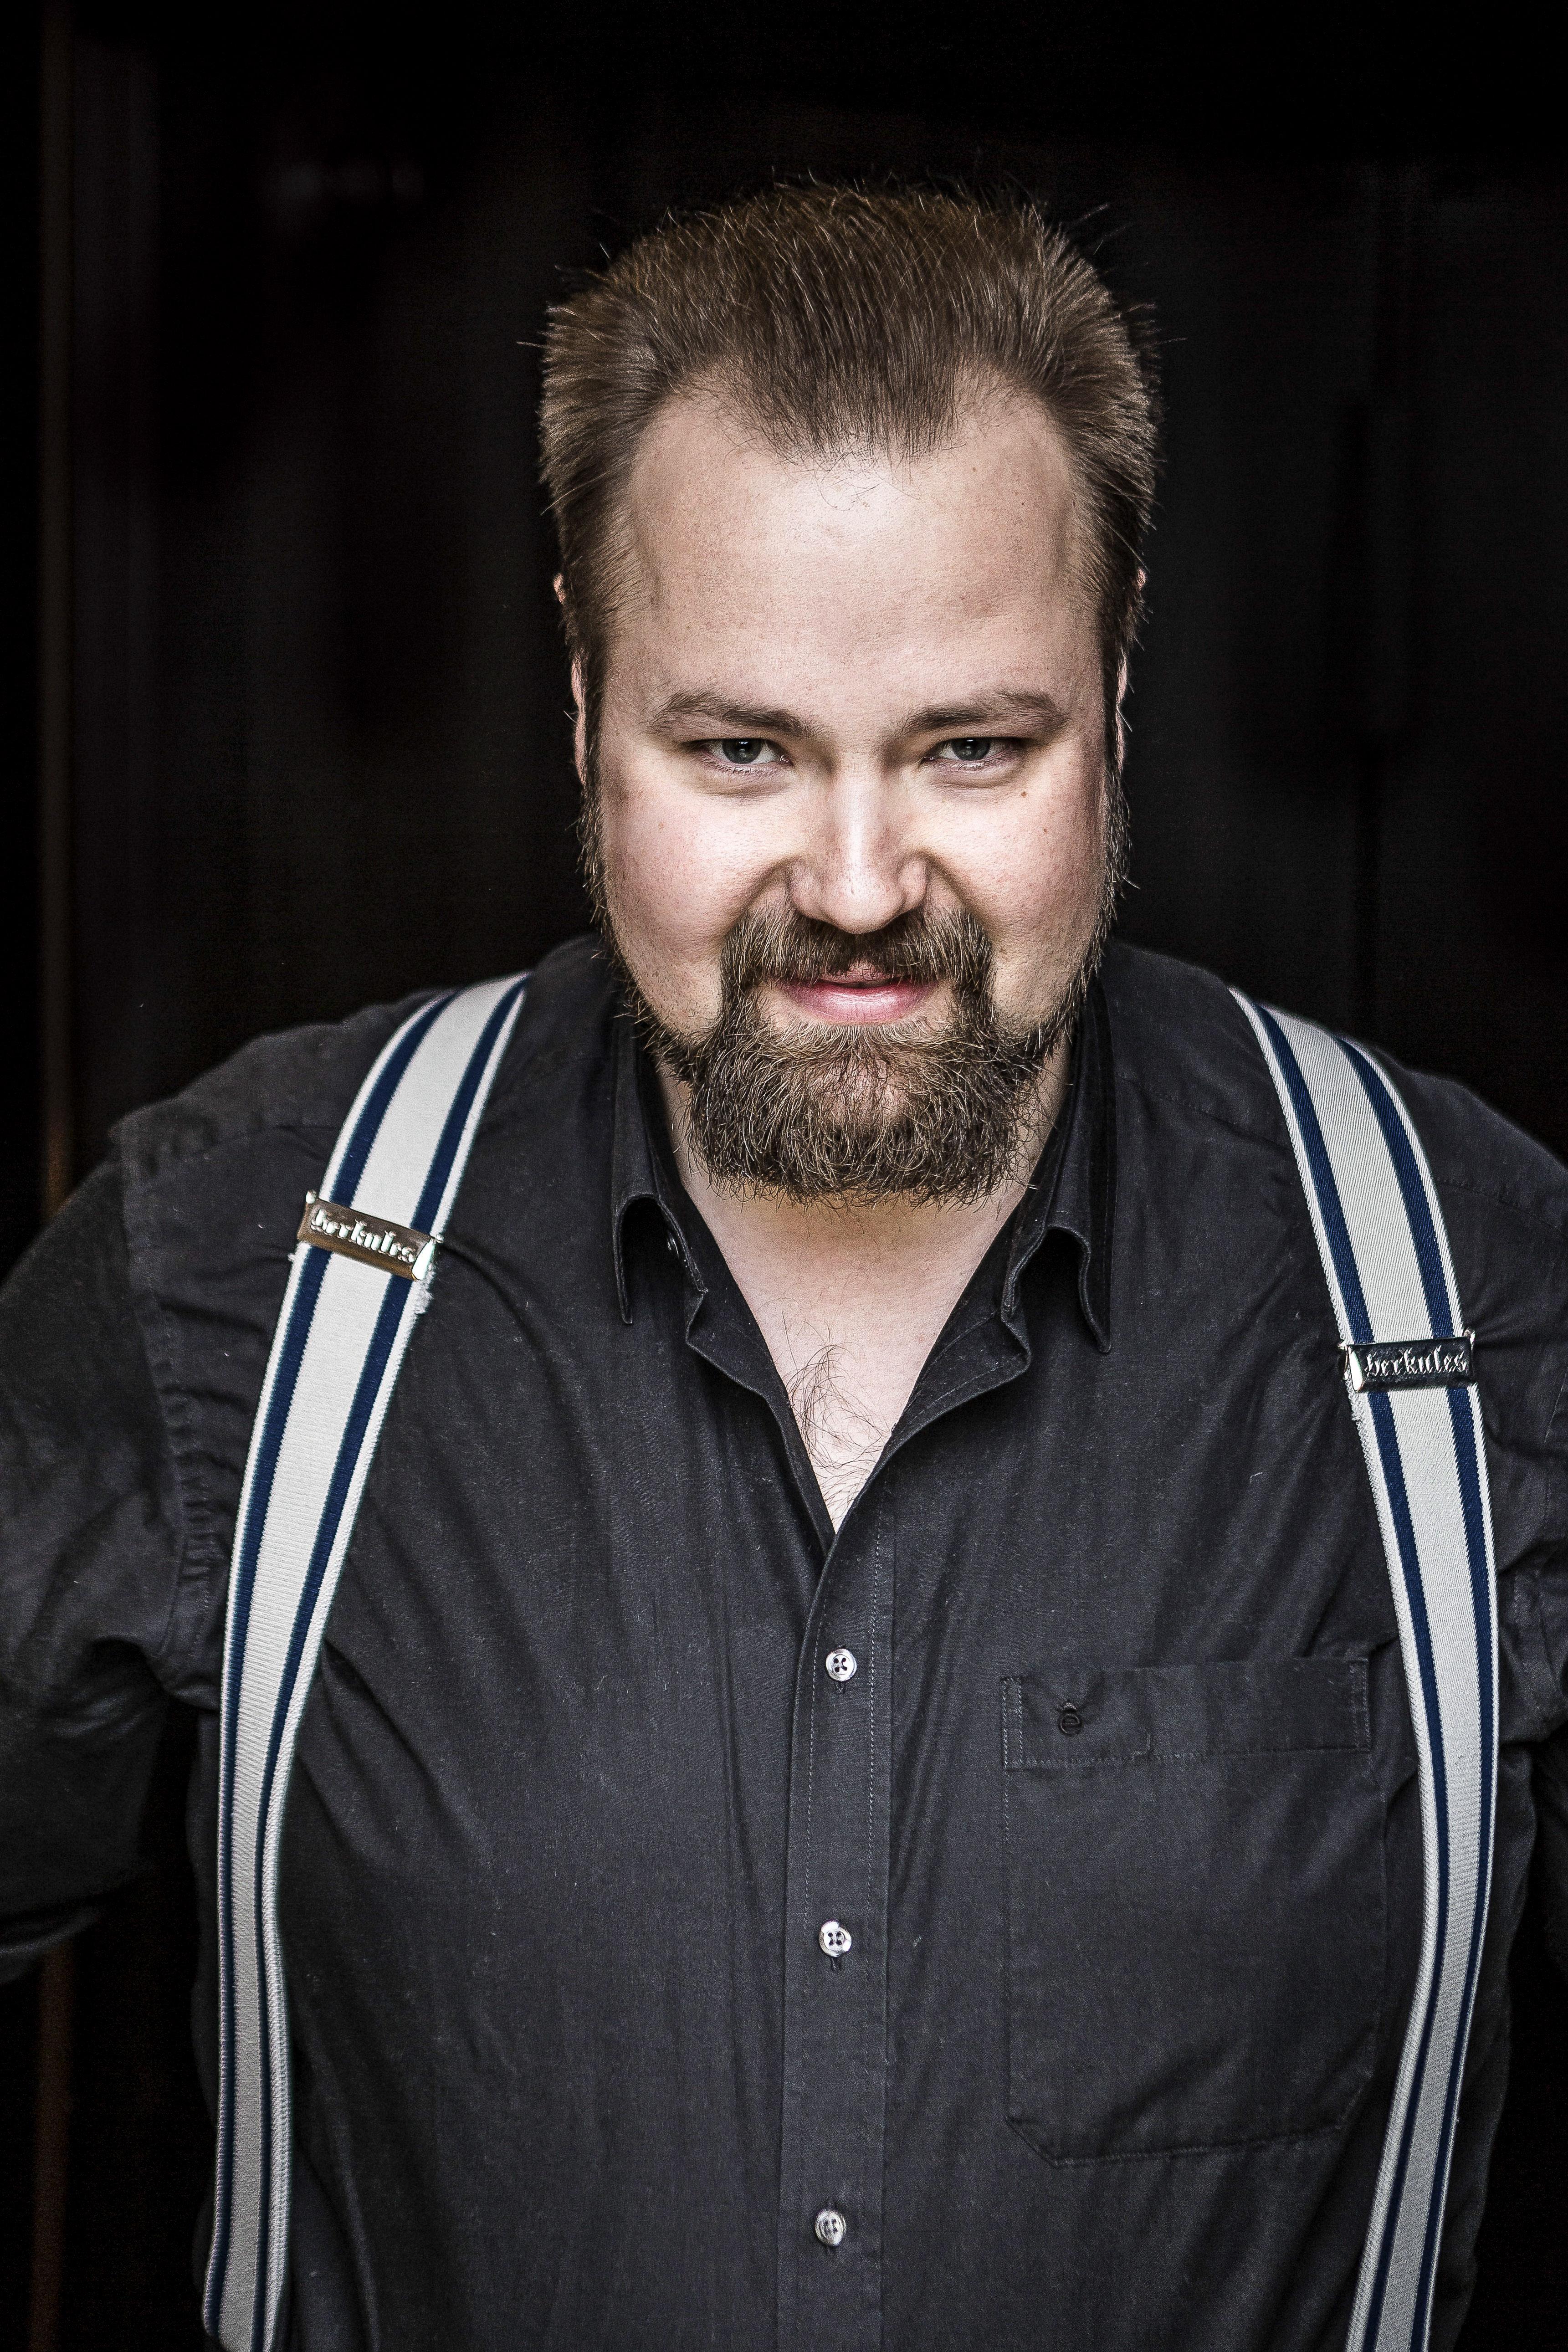 Liedmatinee mit Timo Riihonen